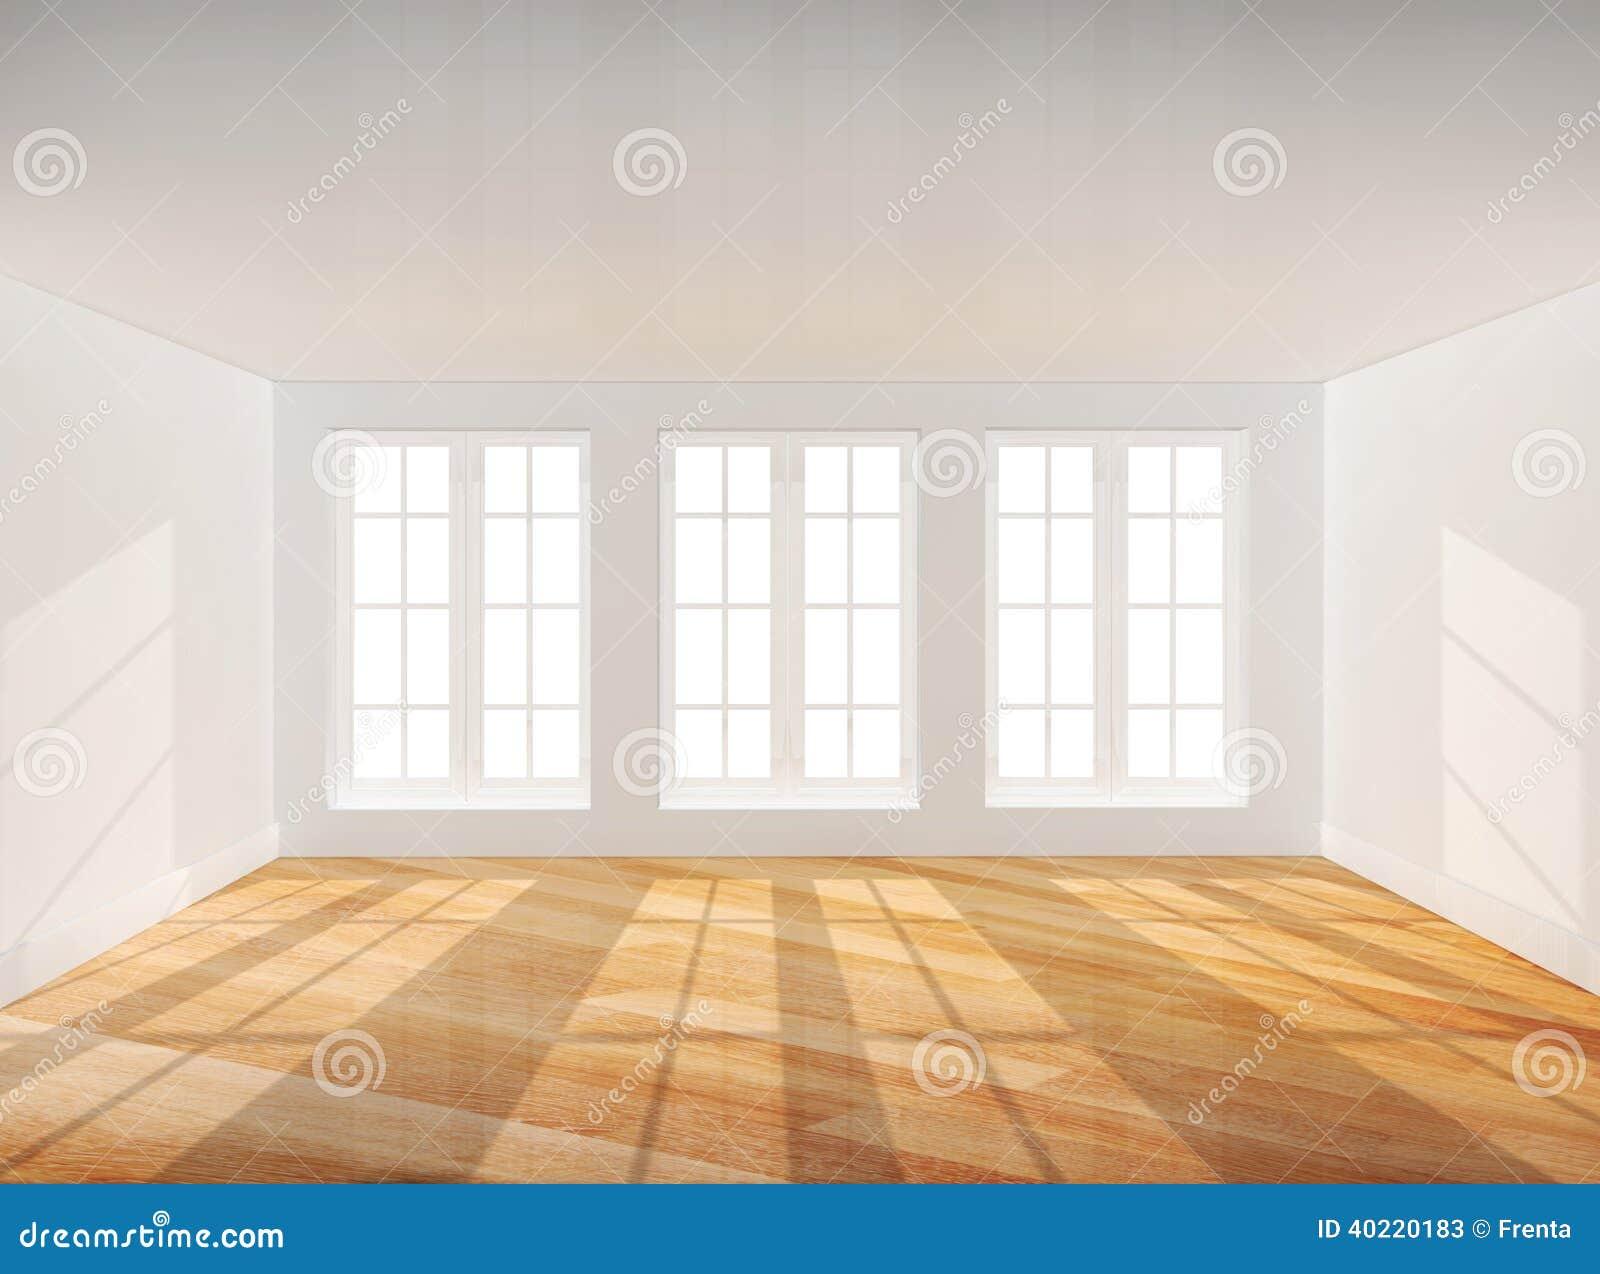 parkett im wohnwagen lbranche saudi aramco hofft auf b rsengang im n chsten jahr parkett kast. Black Bedroom Furniture Sets. Home Design Ideas